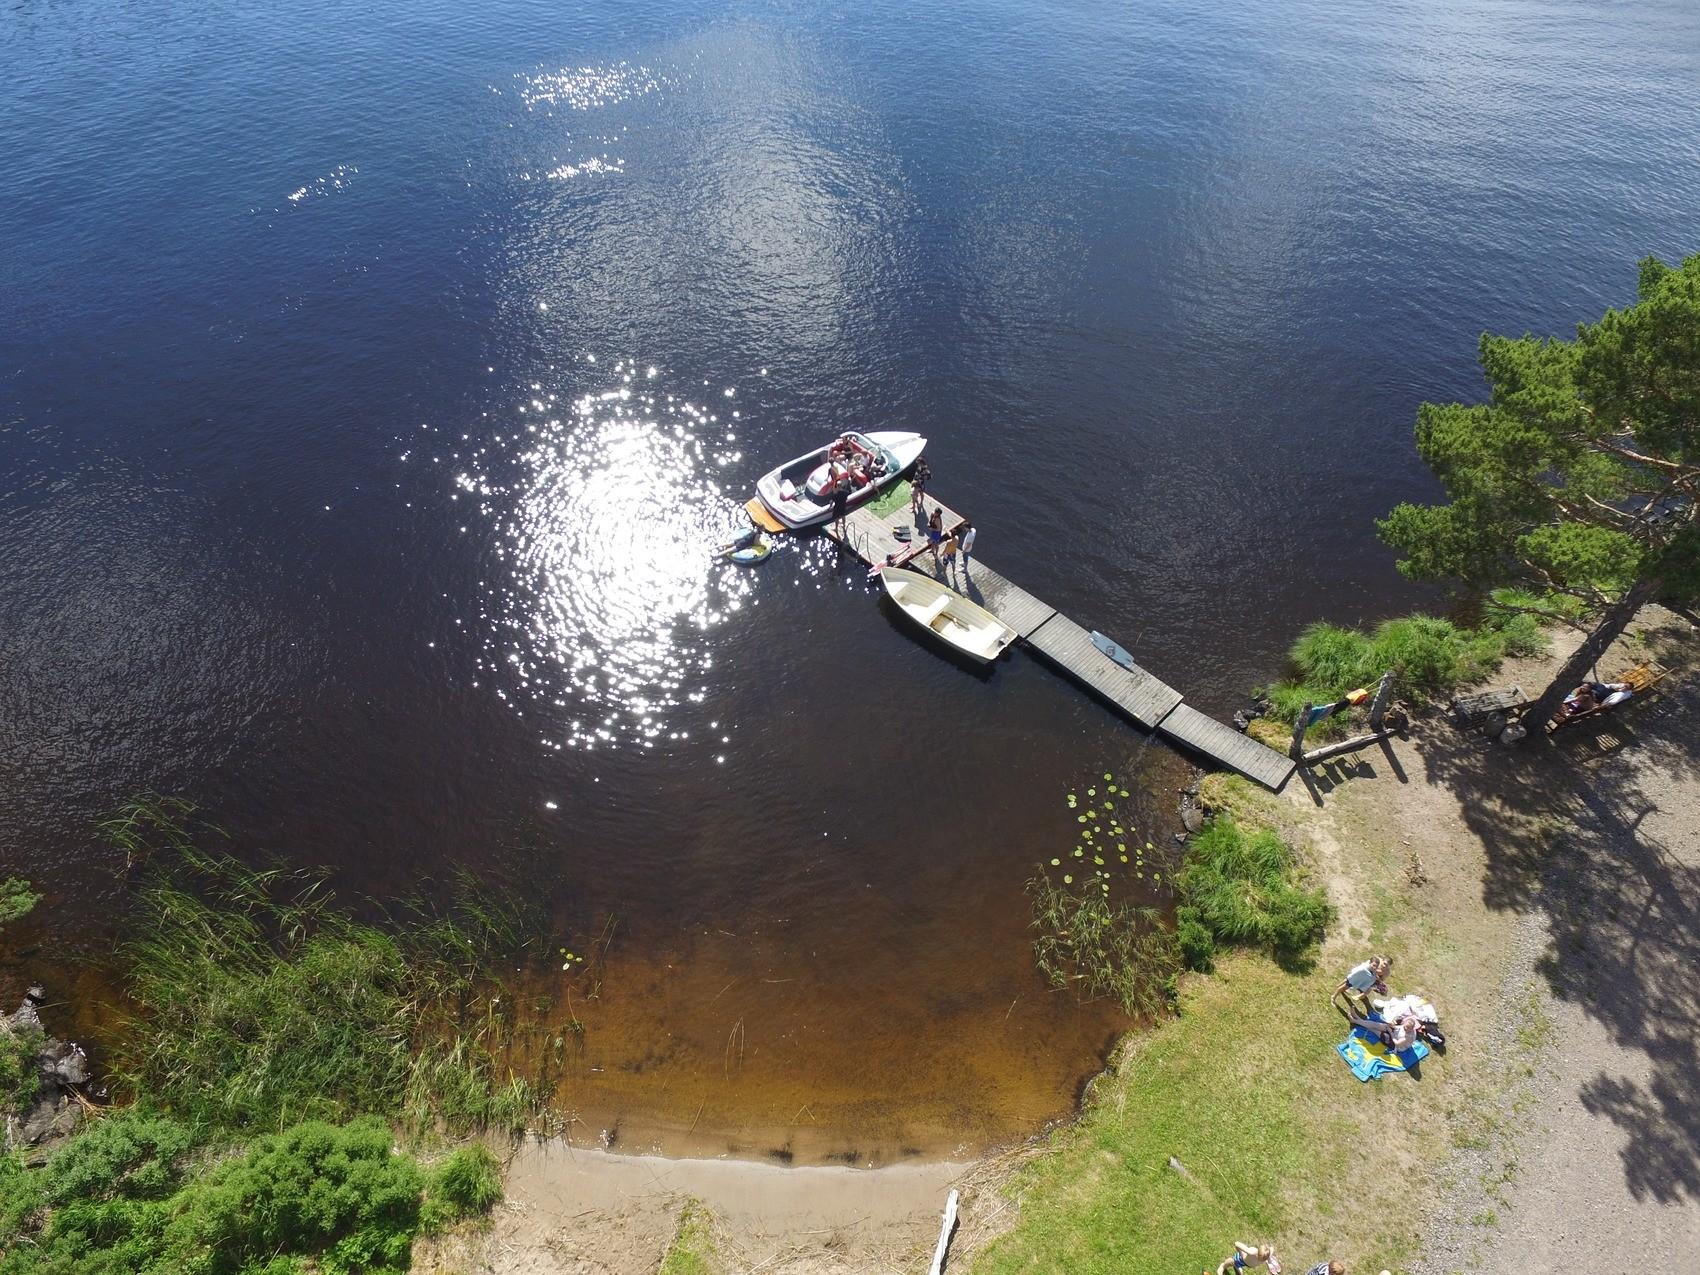 En båt som ligger vid brygga i skogssjö syns ovanfrån.